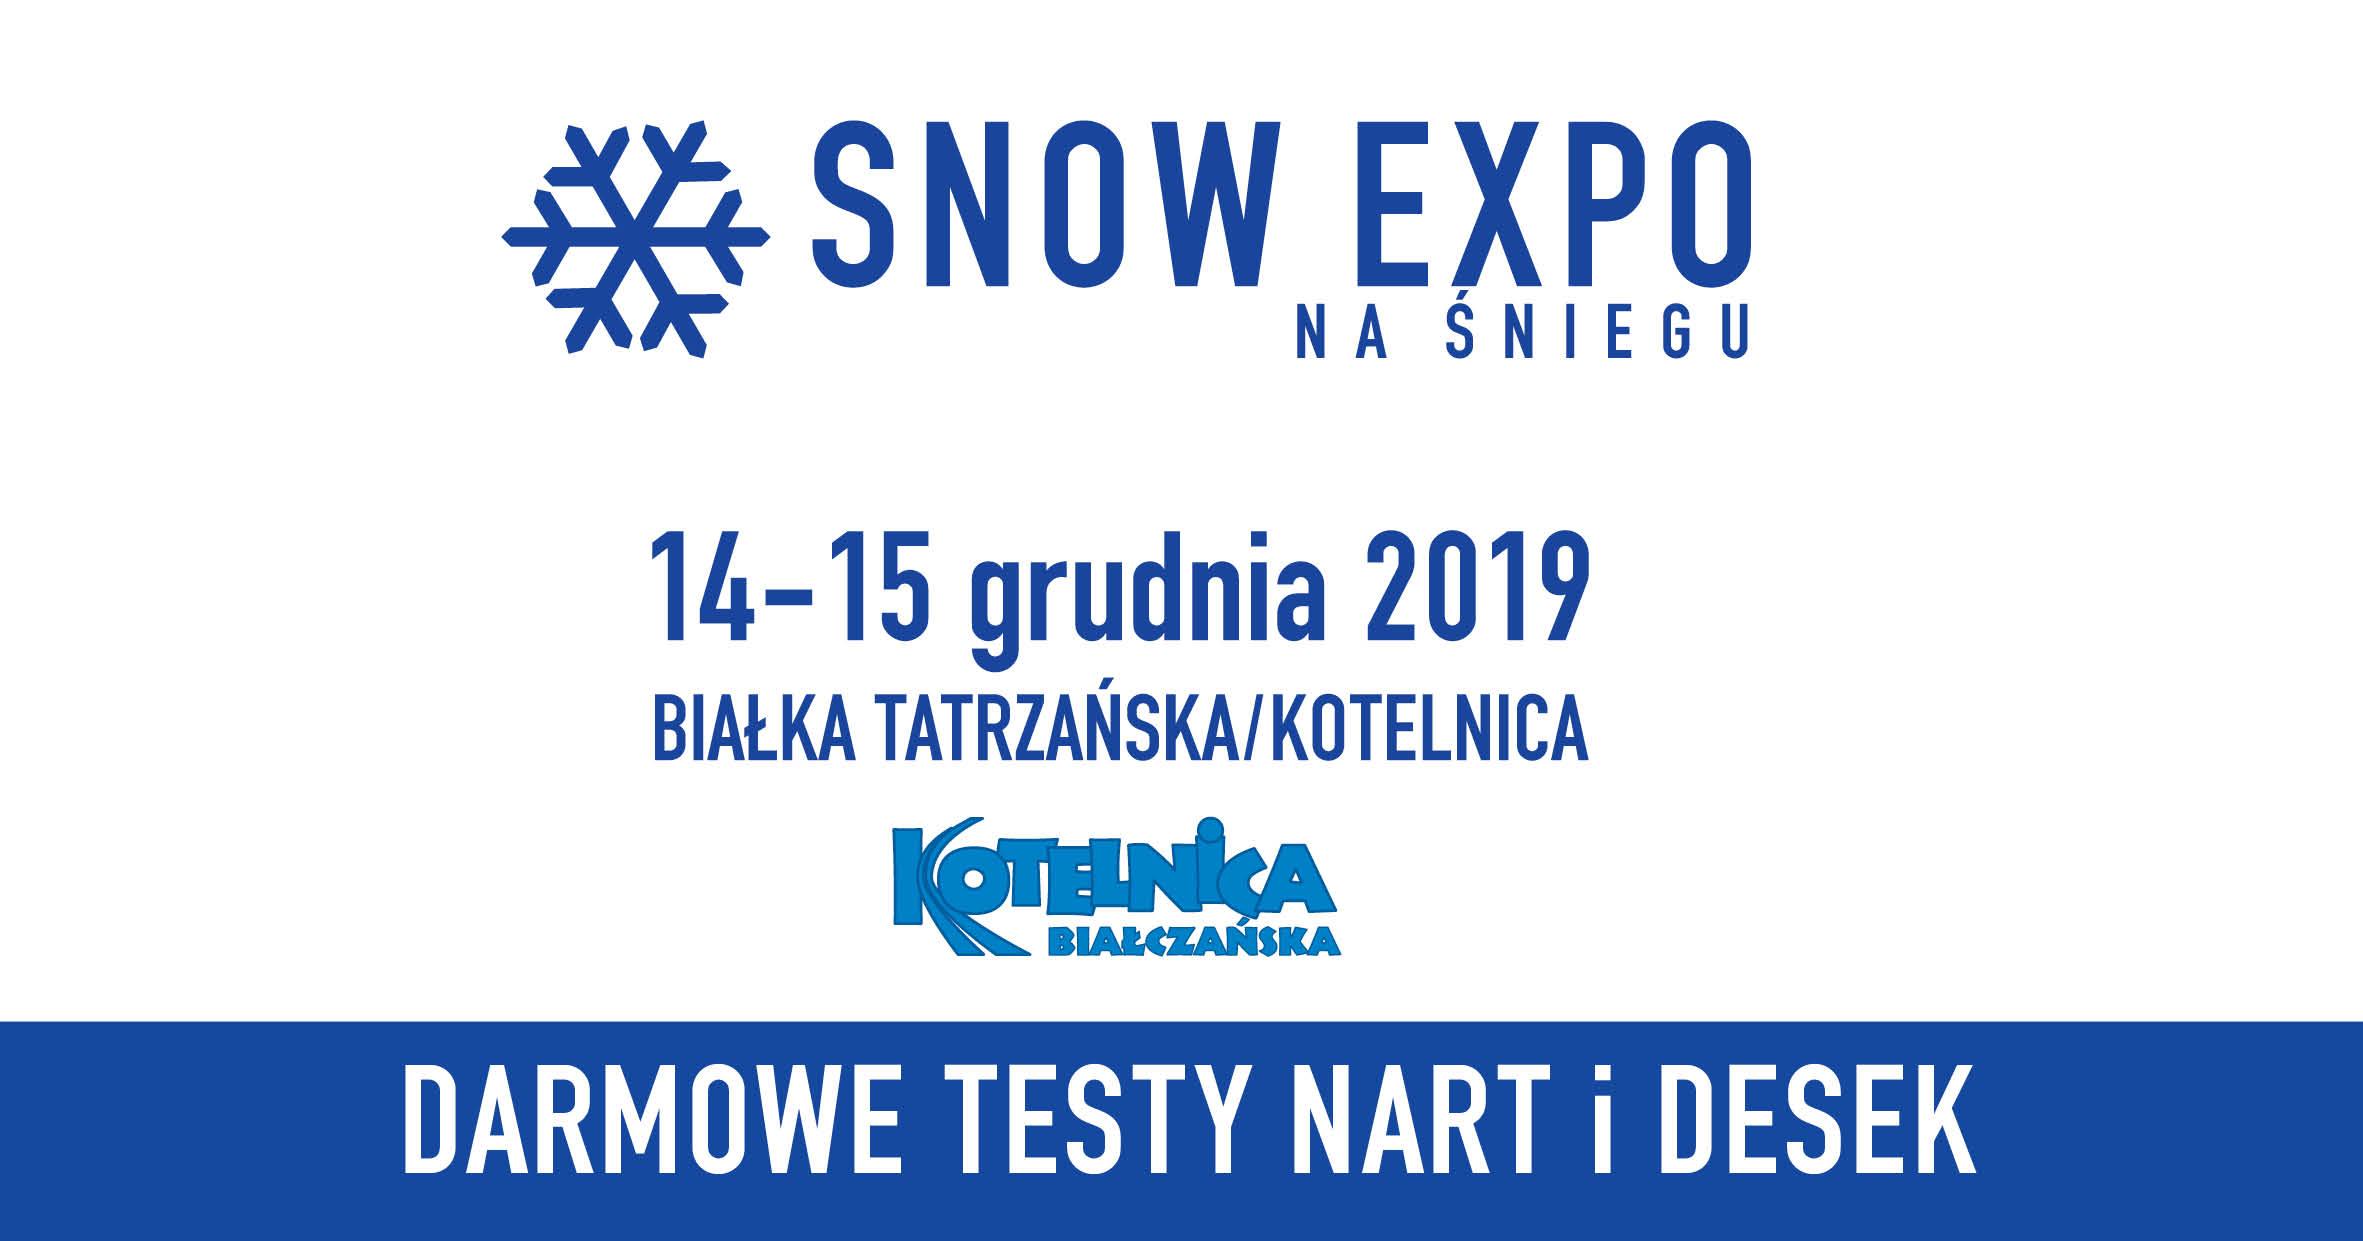 SNOW EXPO na śniegu - Białka